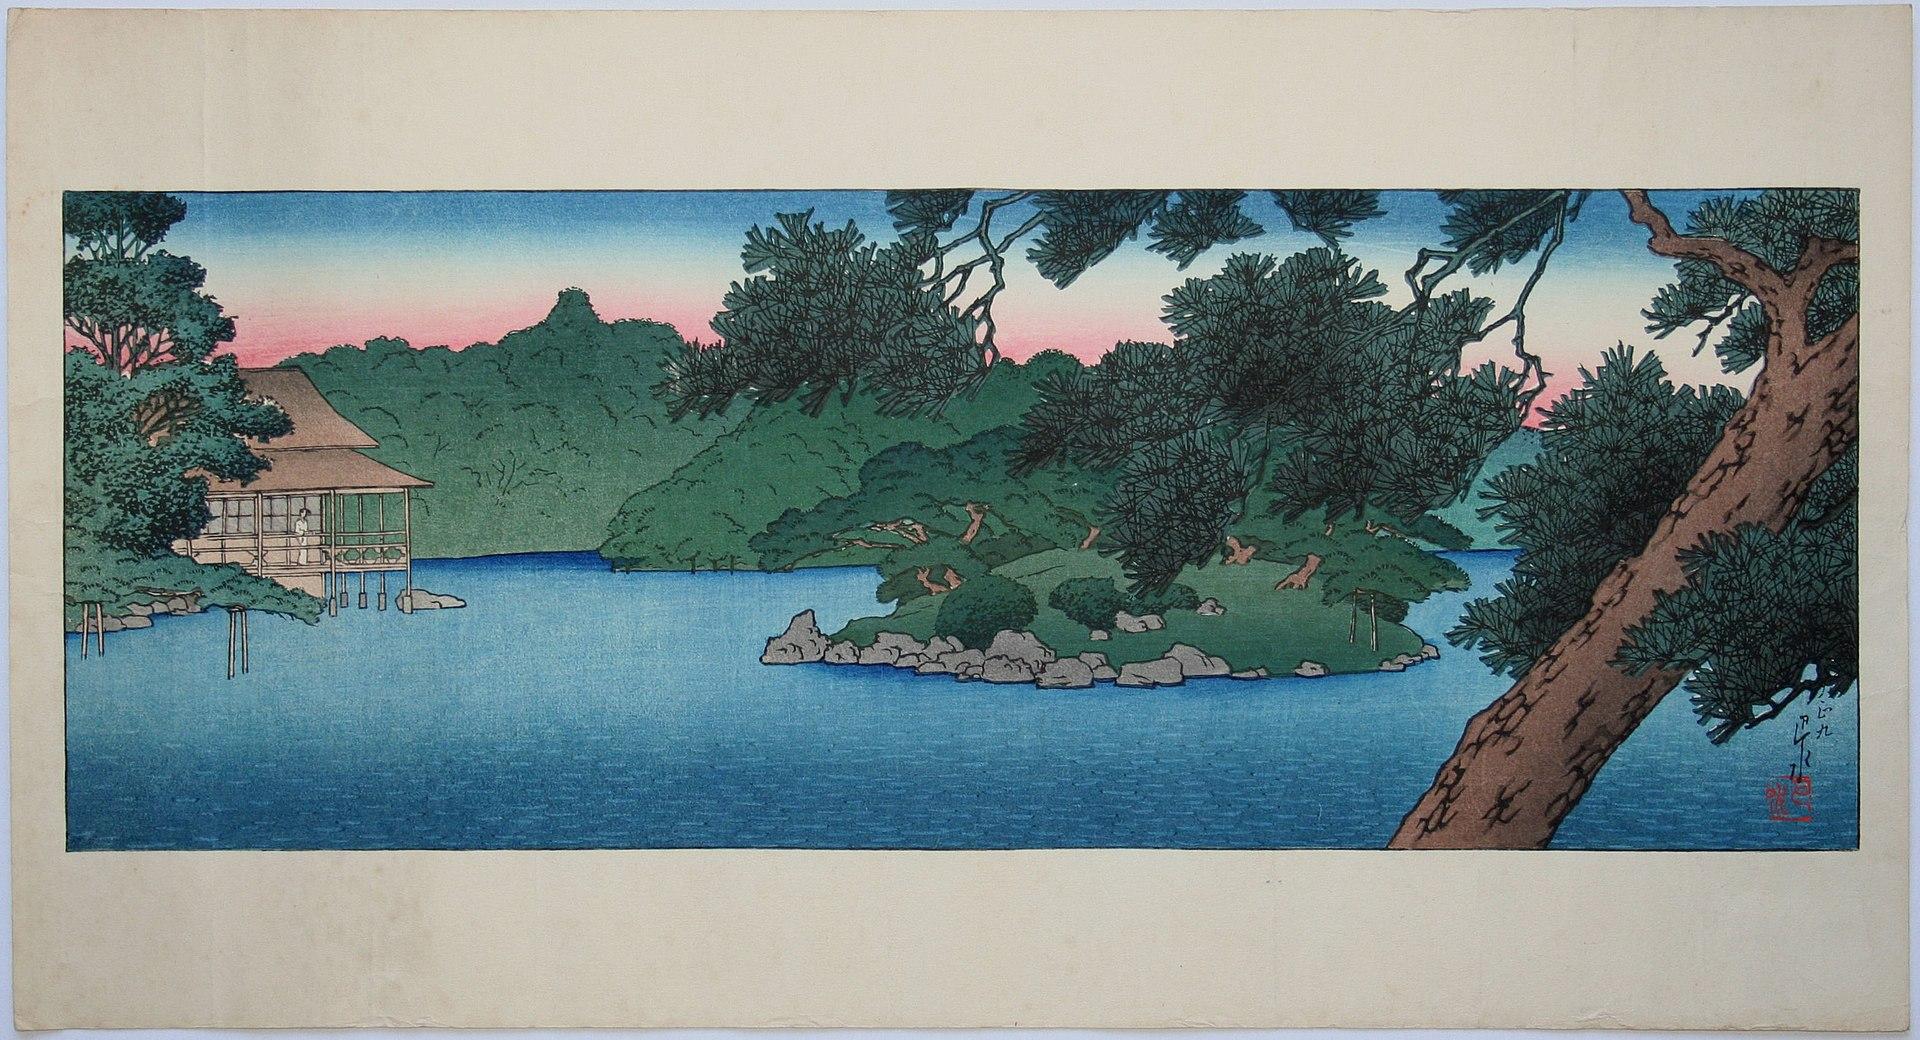 1920px-Mitsubishi_Fukagawa_bettei_no_zu,_Matsu_no_chihan_no_Ryōtei_by_Kawase_Hasui.jpg